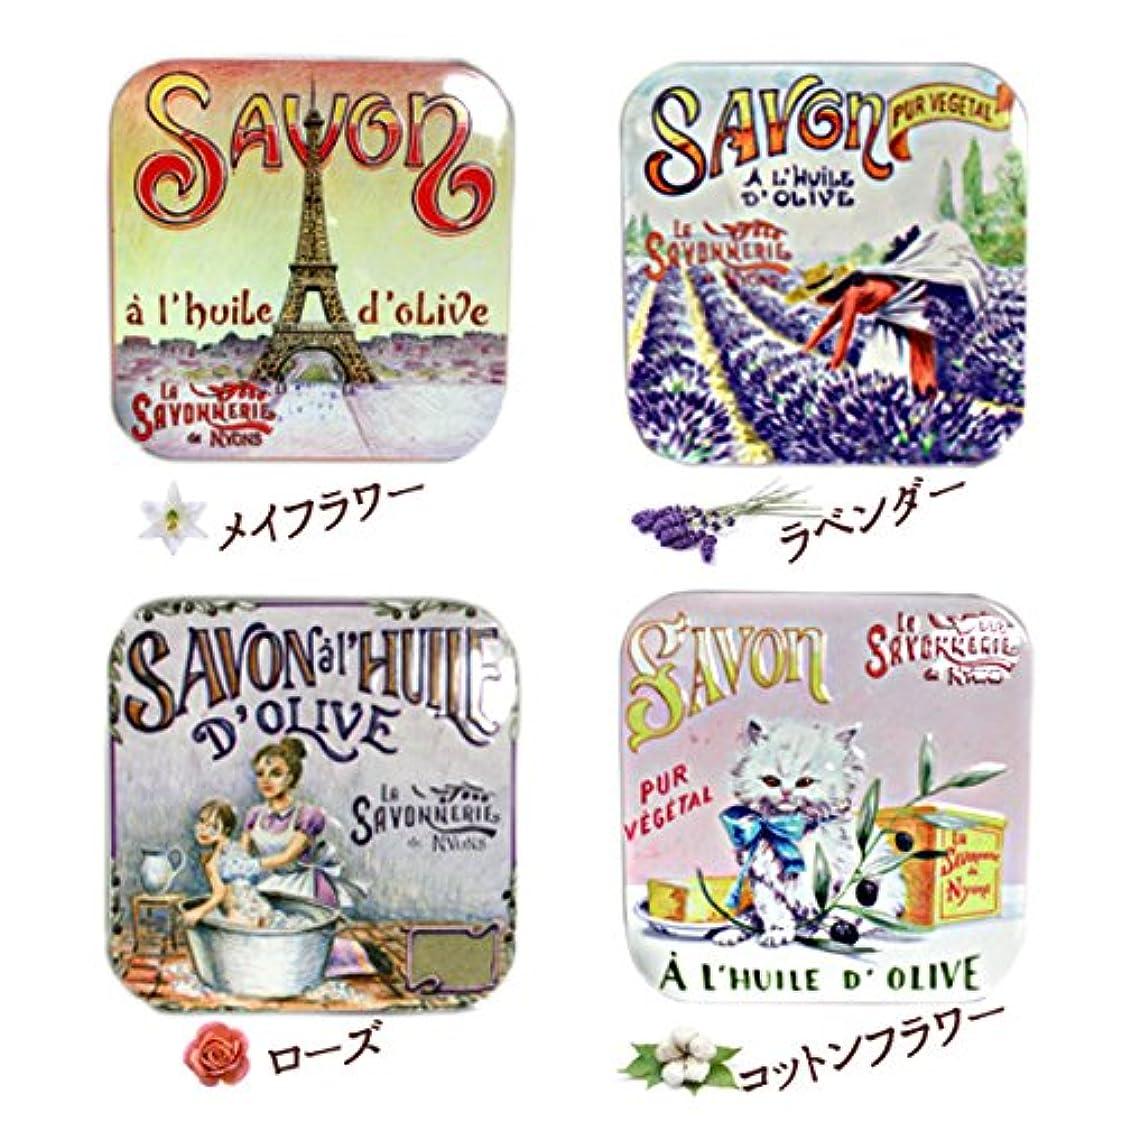 メッシュ透明に合唱団ラサボネリー アンティーク缶入り石鹸 タイプ100 95g (ローズ)